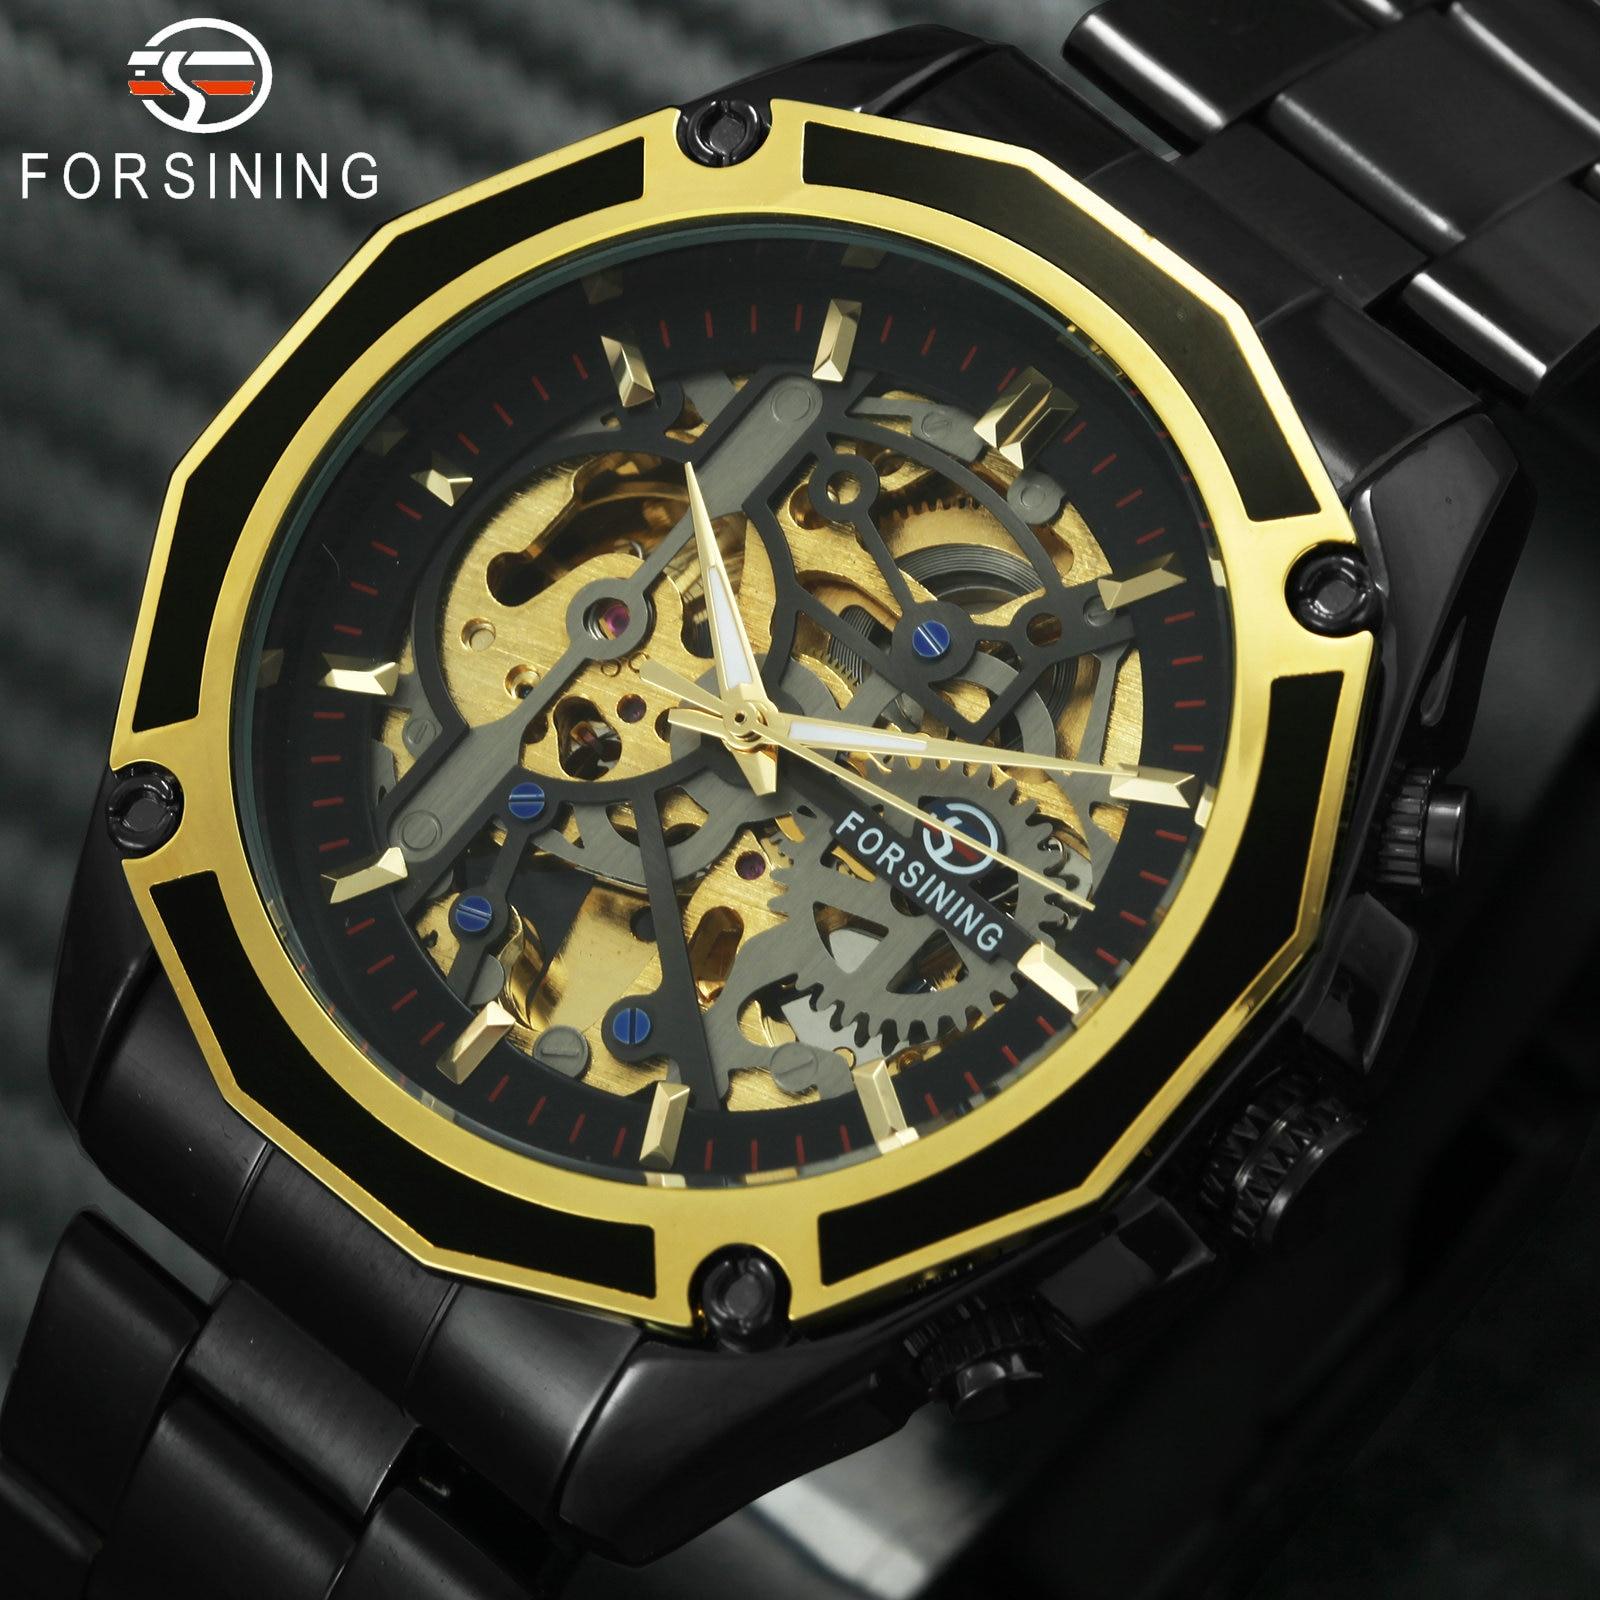 FORSINING золотые Лидирующий бренд Роскошные Авто механические часы для мужчин Нержавеющая сталь ремешок Скелет циферблат мода Бизнес наручны...